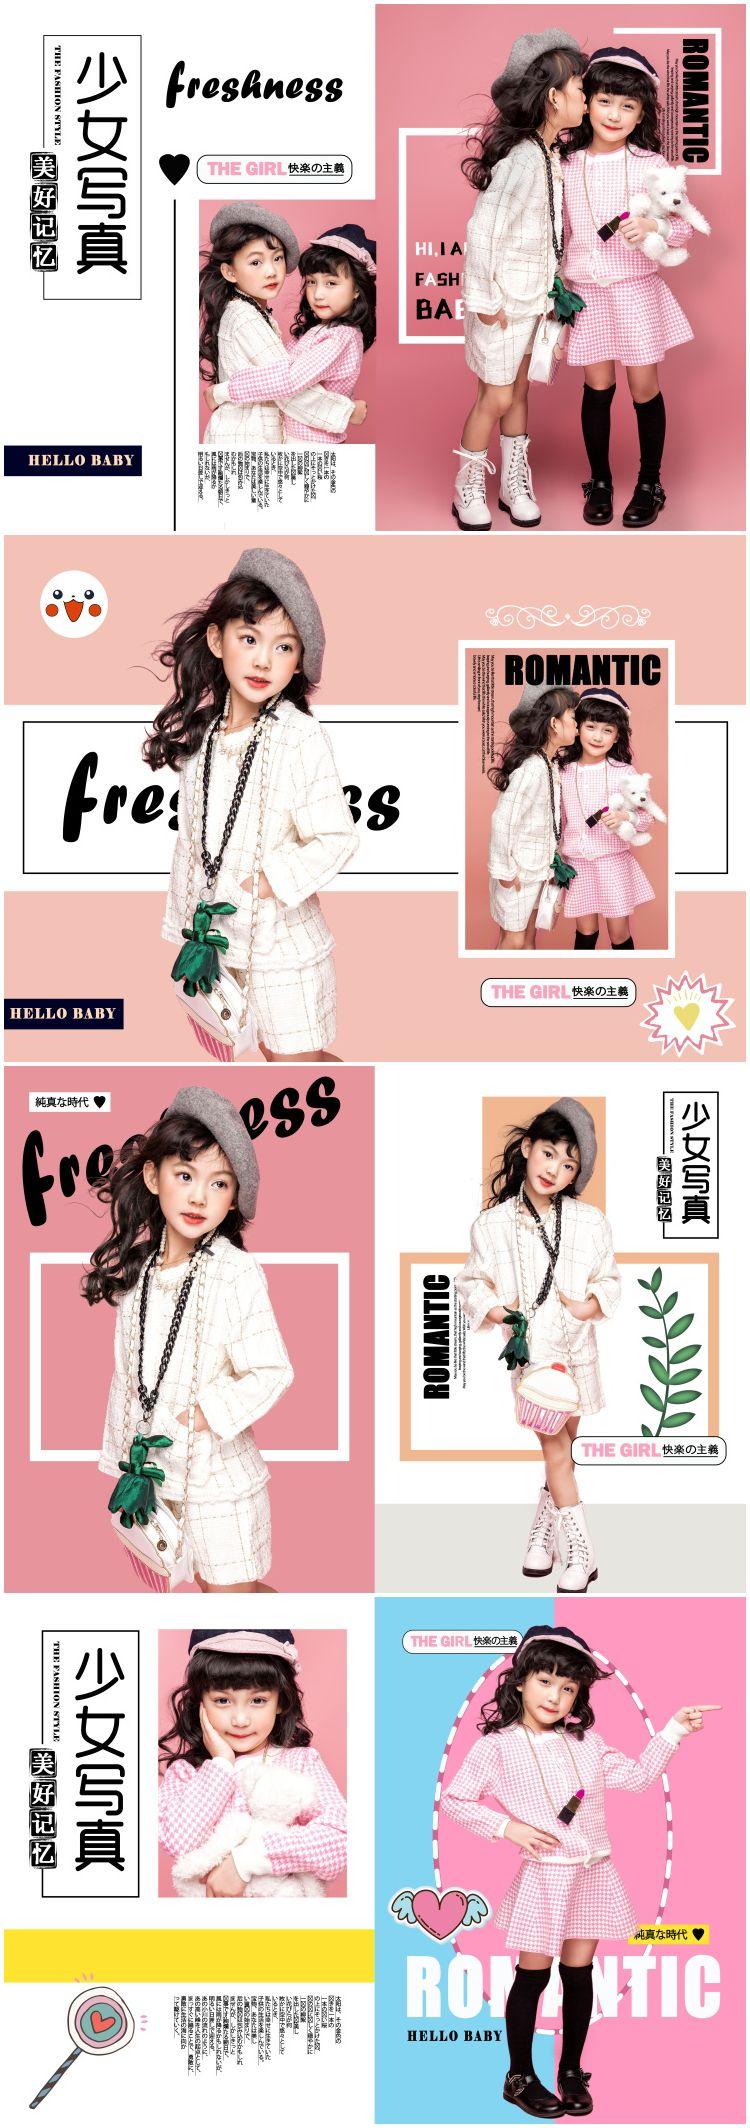 日系潮酷儿童摄影PSD相册模版粉色背景少女写真字体样册竖版15寸